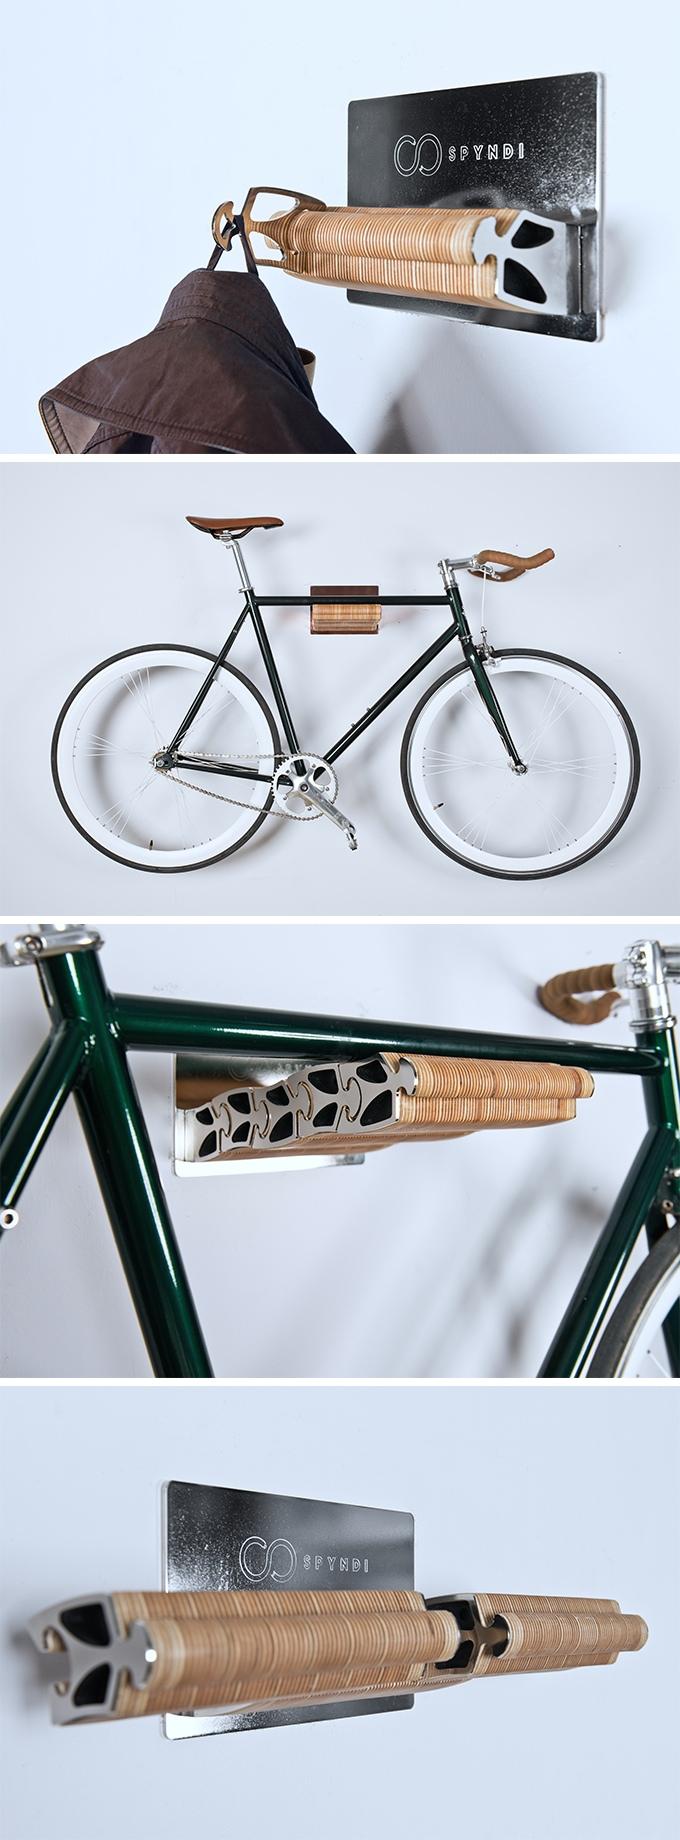 自転車の収納にも使える